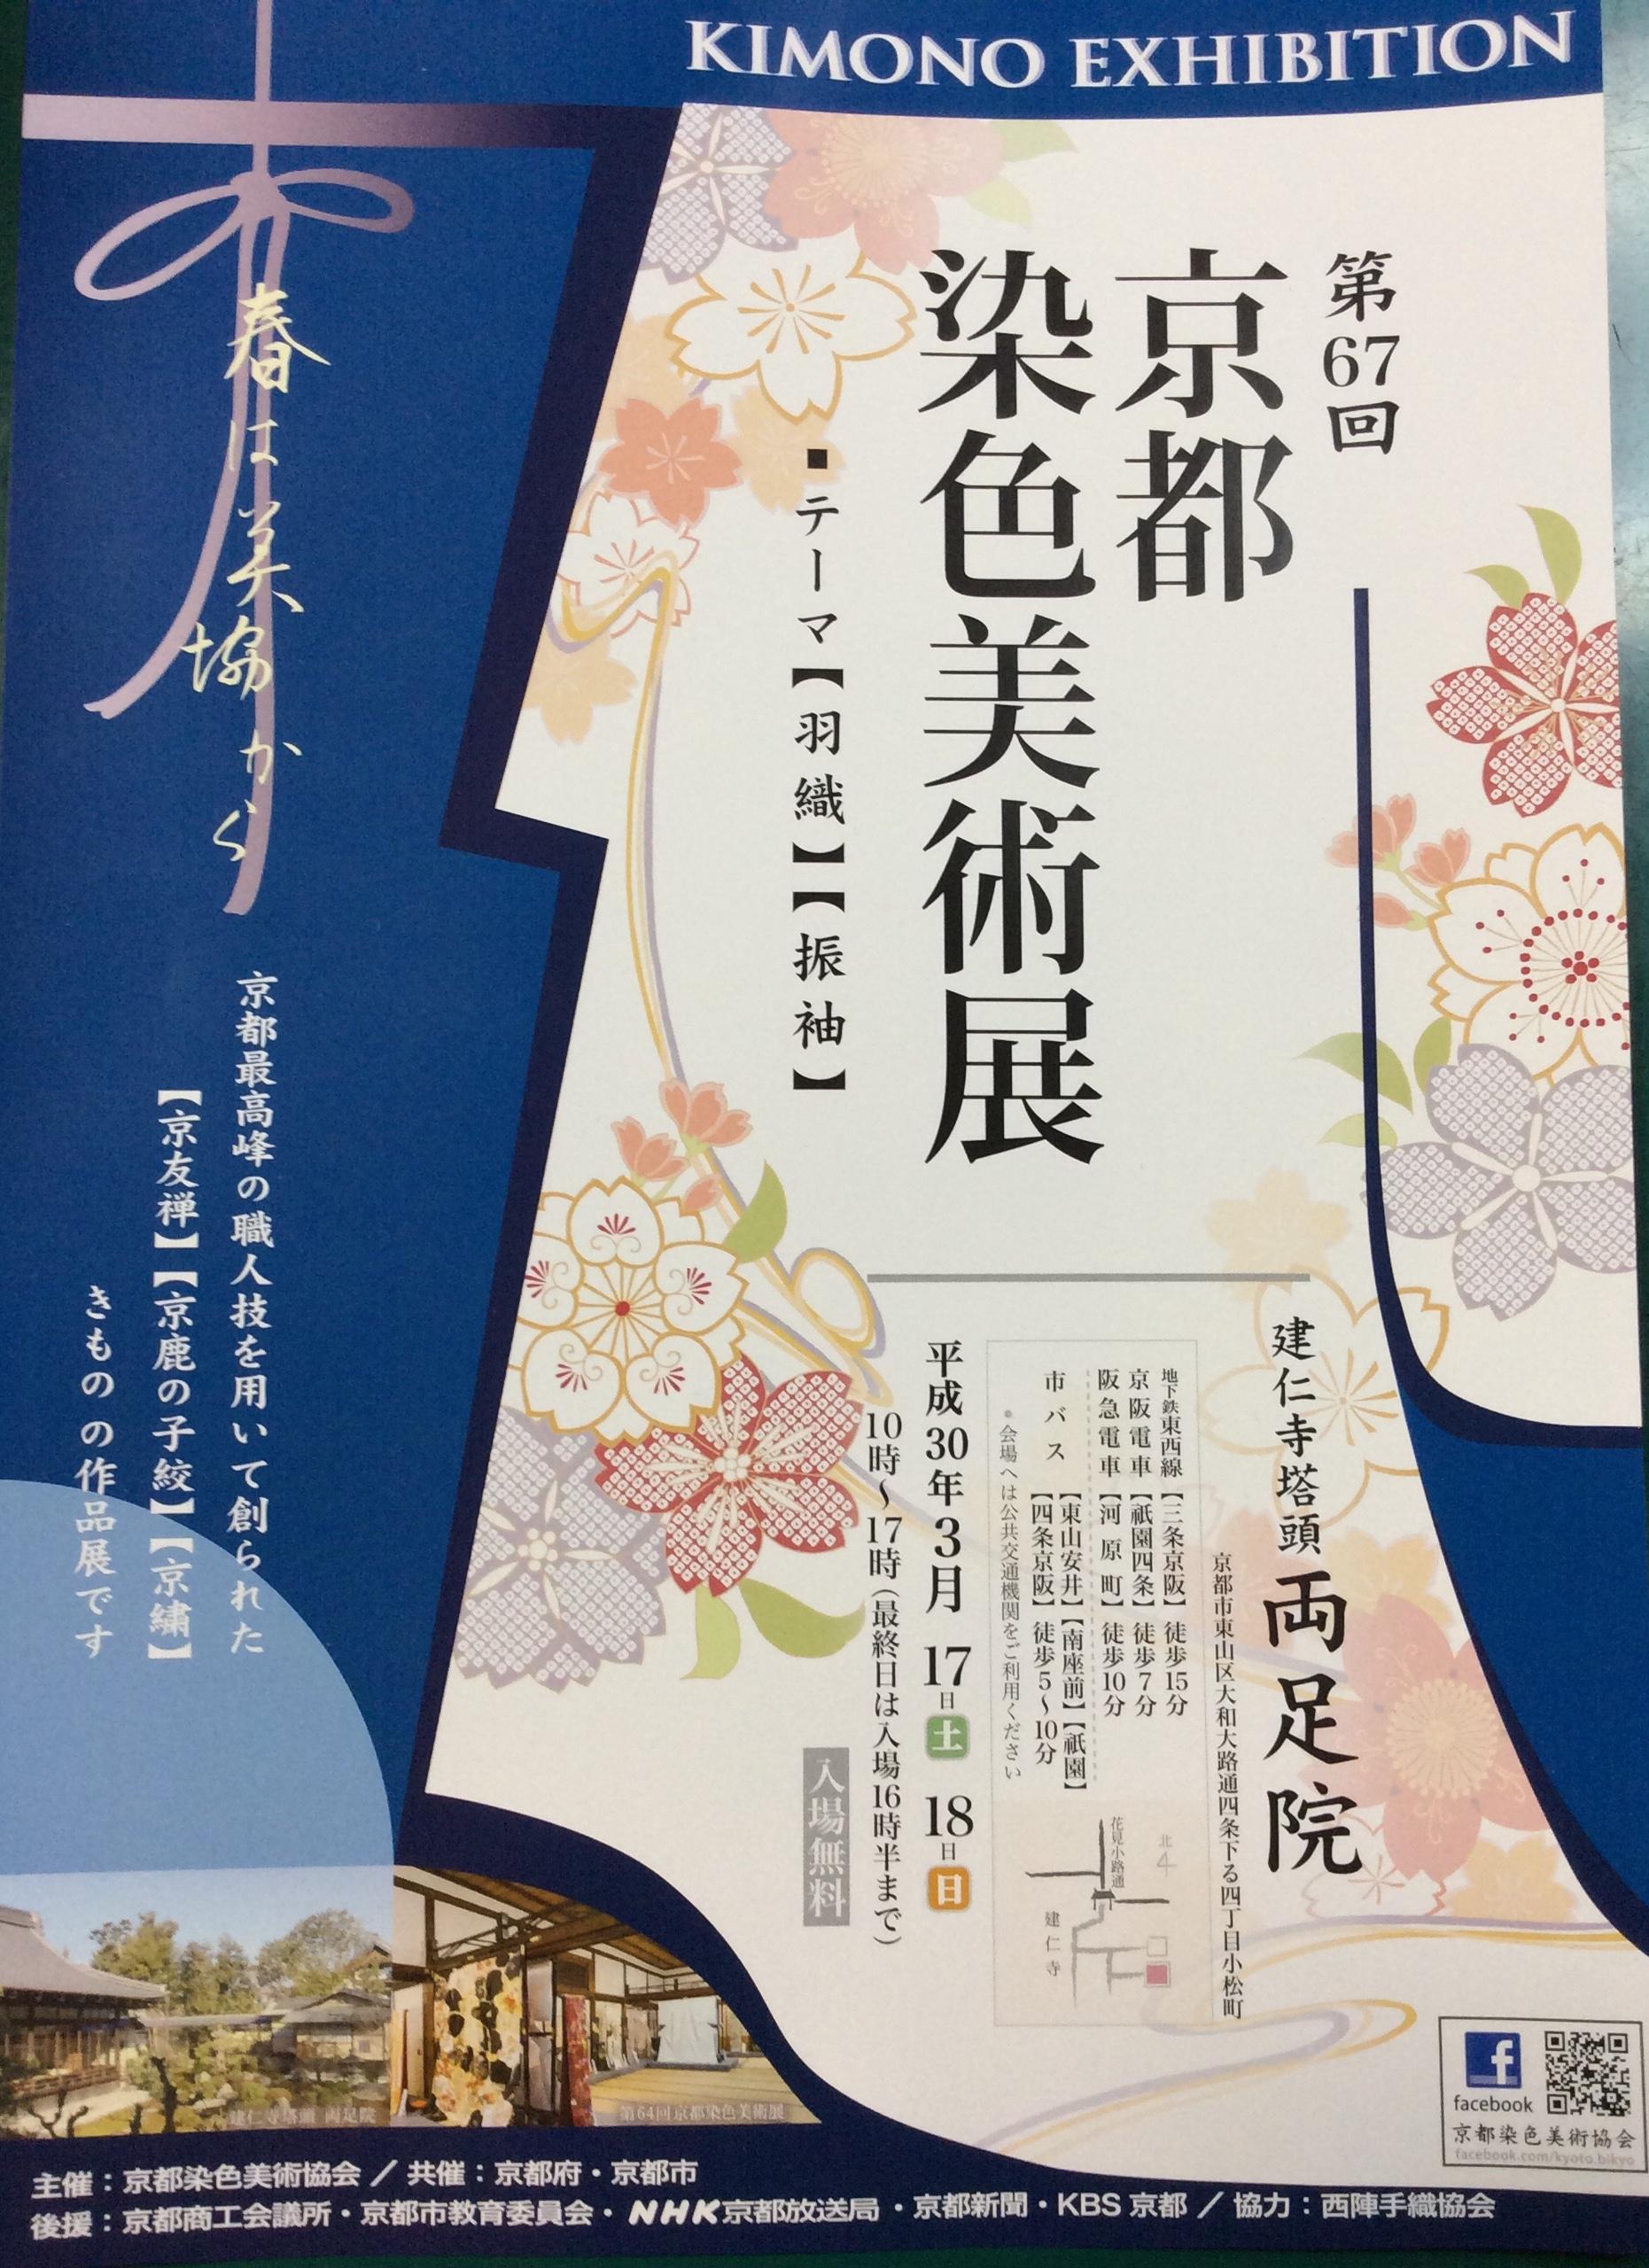 第67回京都染色美術展フライヤー